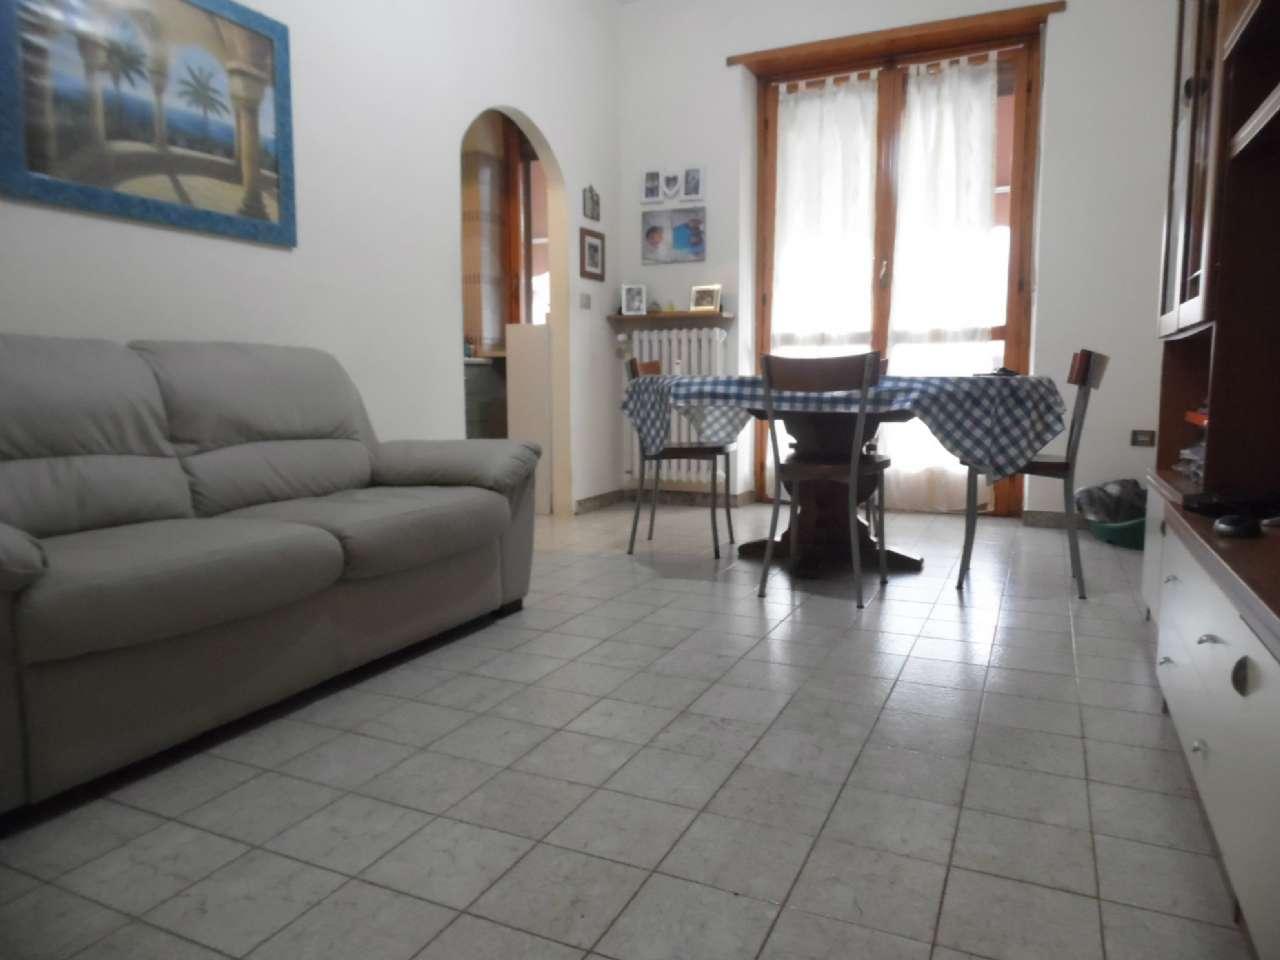 Appartamento in vendita a Borgaro Torinese, 3 locali, prezzo € 127.000 | Cambio Casa.it